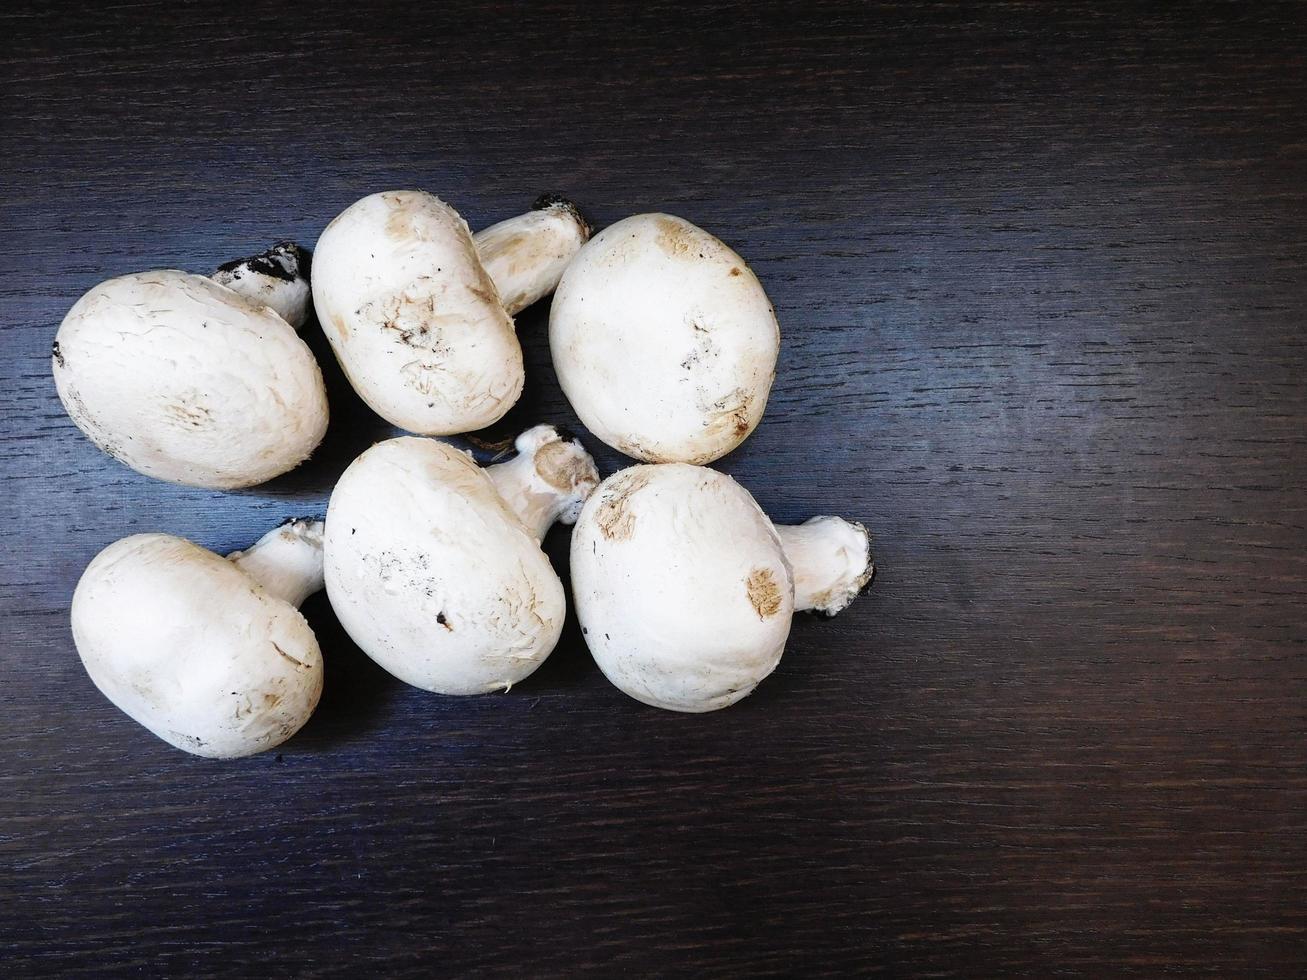 zes witte champignons op een donkere houten tafel achtergrond foto